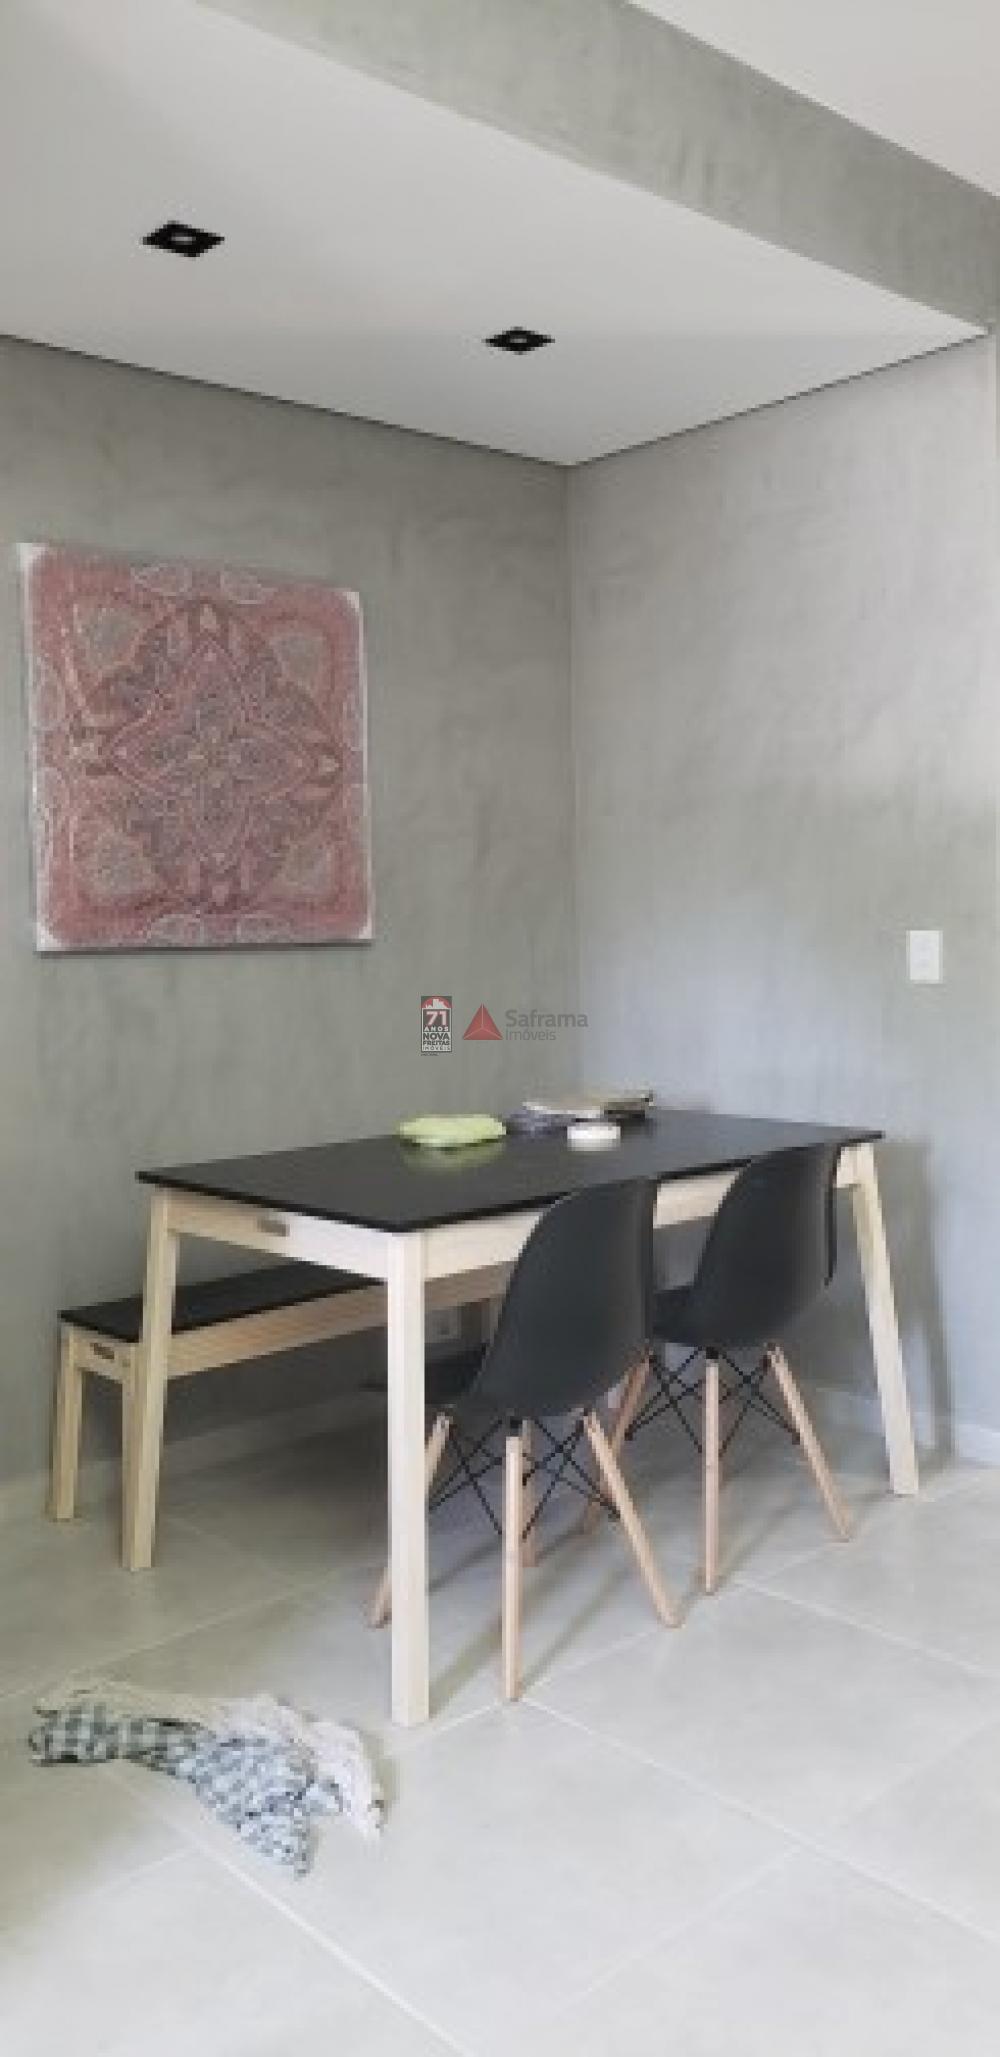 Comprar Casa / (Sobrado em condomínio) em Caraguatatuba apenas R$ 270.000,00 - Foto 7